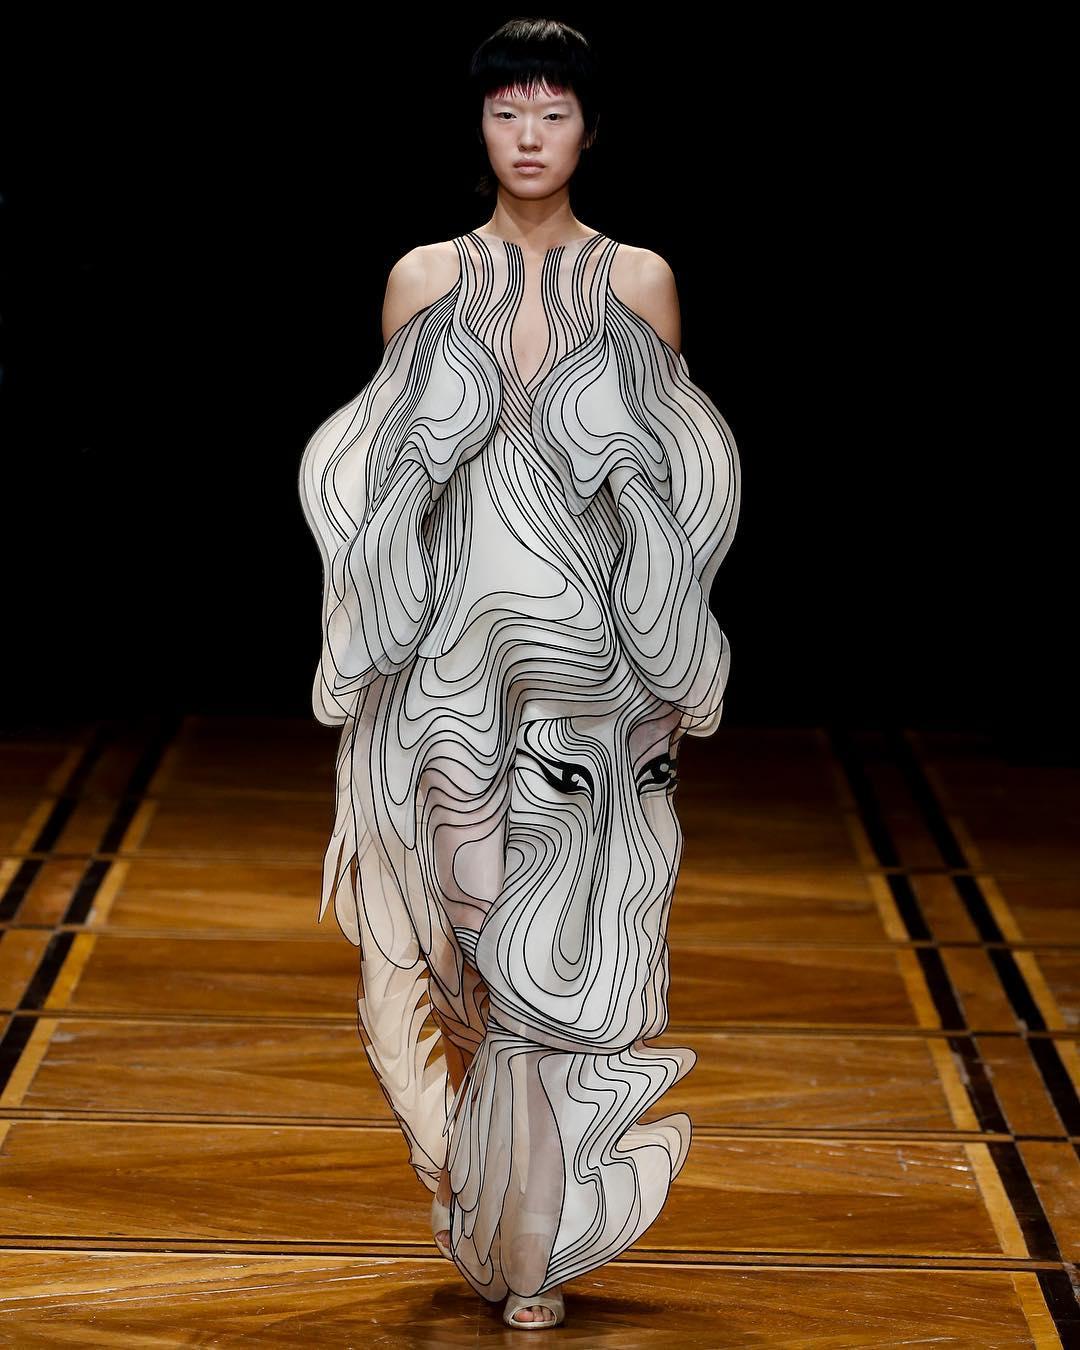 لباس های سه بعدی آنامورفیک از IRIS VAN HERPEN